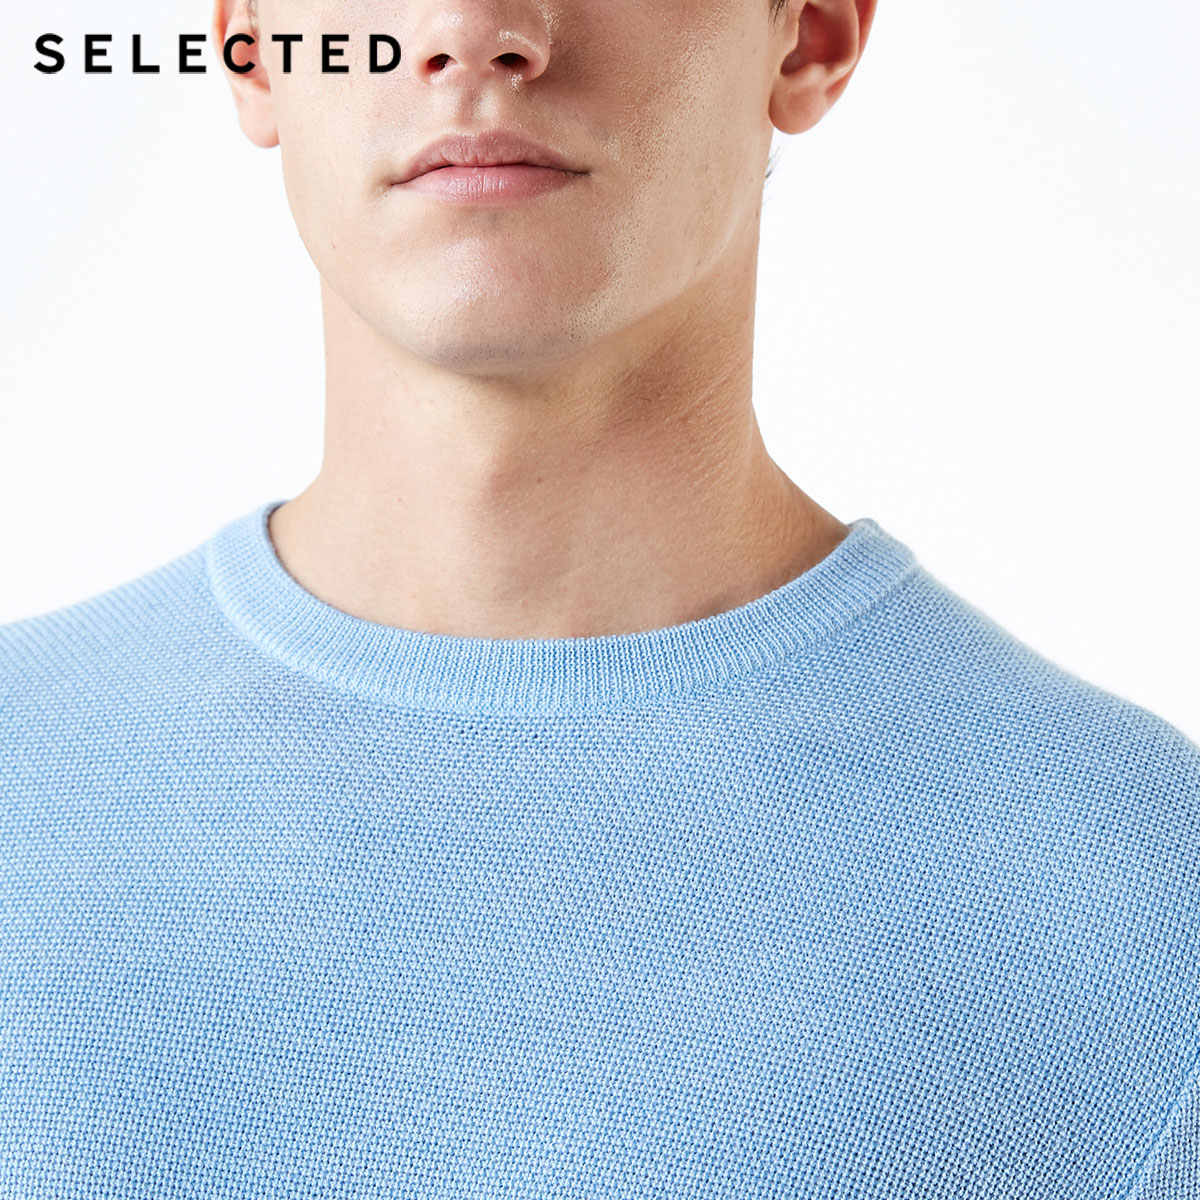 اختيار جديد الصوف مزيج الرجال البلوز محبوك س الرقبة سترة غير رسمية الملابس S | 418424508